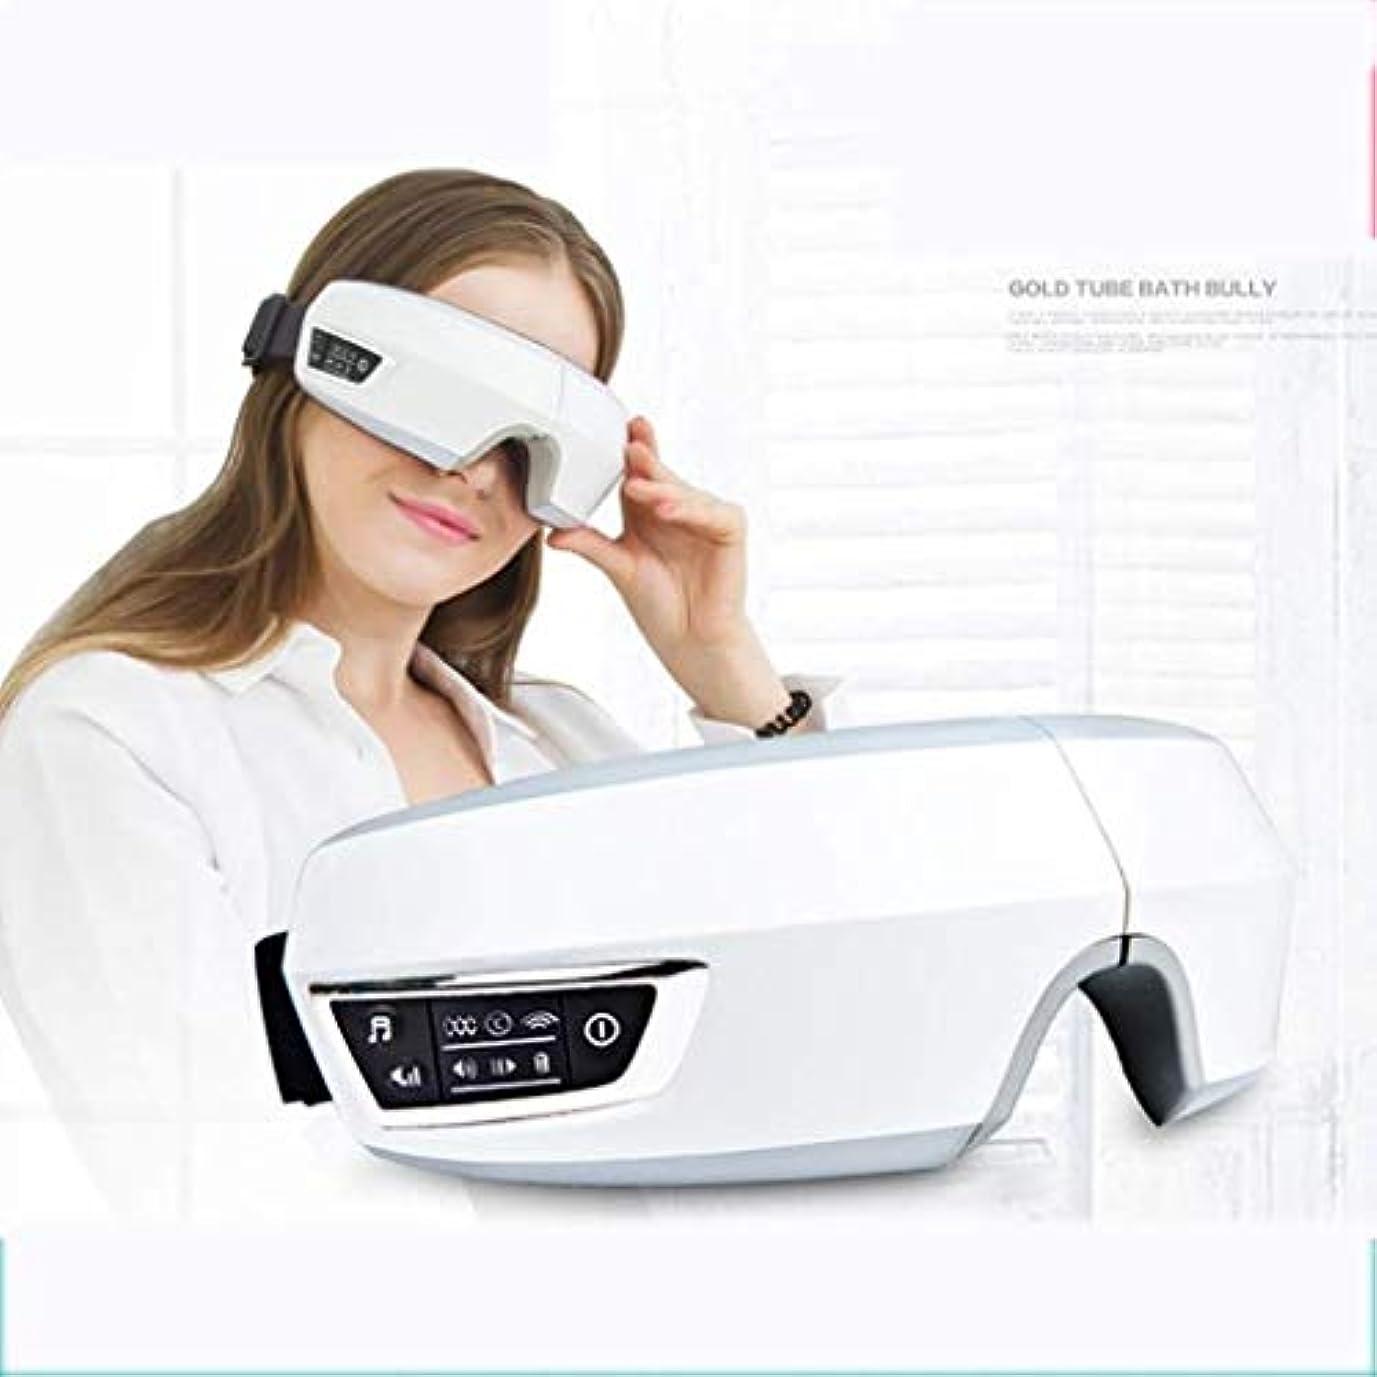 一口コントロール脇にUSB充電アイマッサージャー、アイケアアイマッサージ器具、ホットコンプレス、ダークアイビューティー器具の改善、視力保護アイピース、疲労軽減